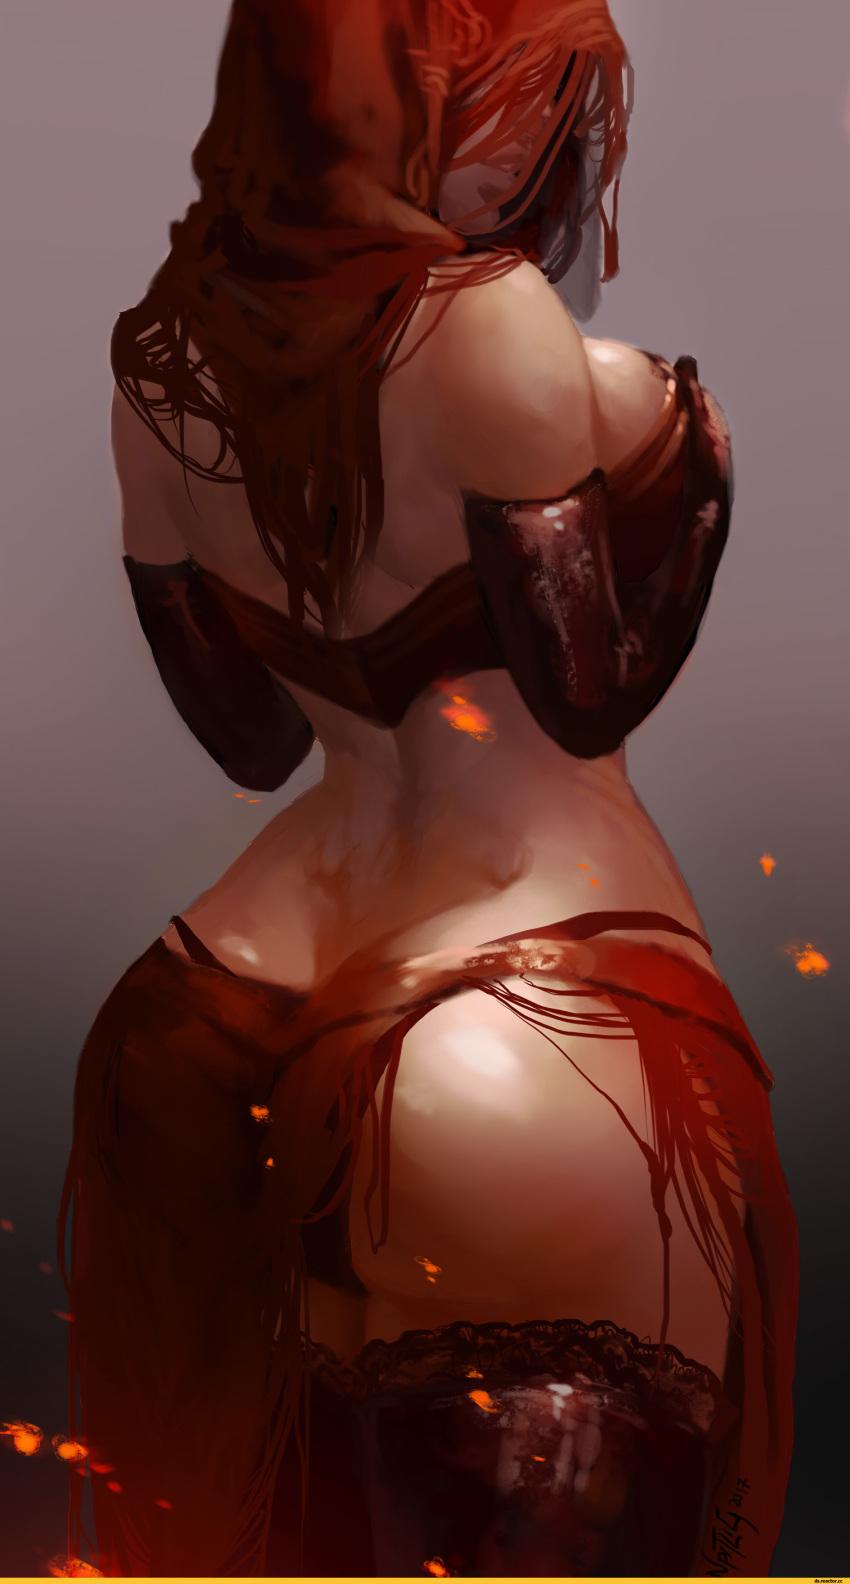 dark souls desert 2 sorceress Is black butler a yaoi